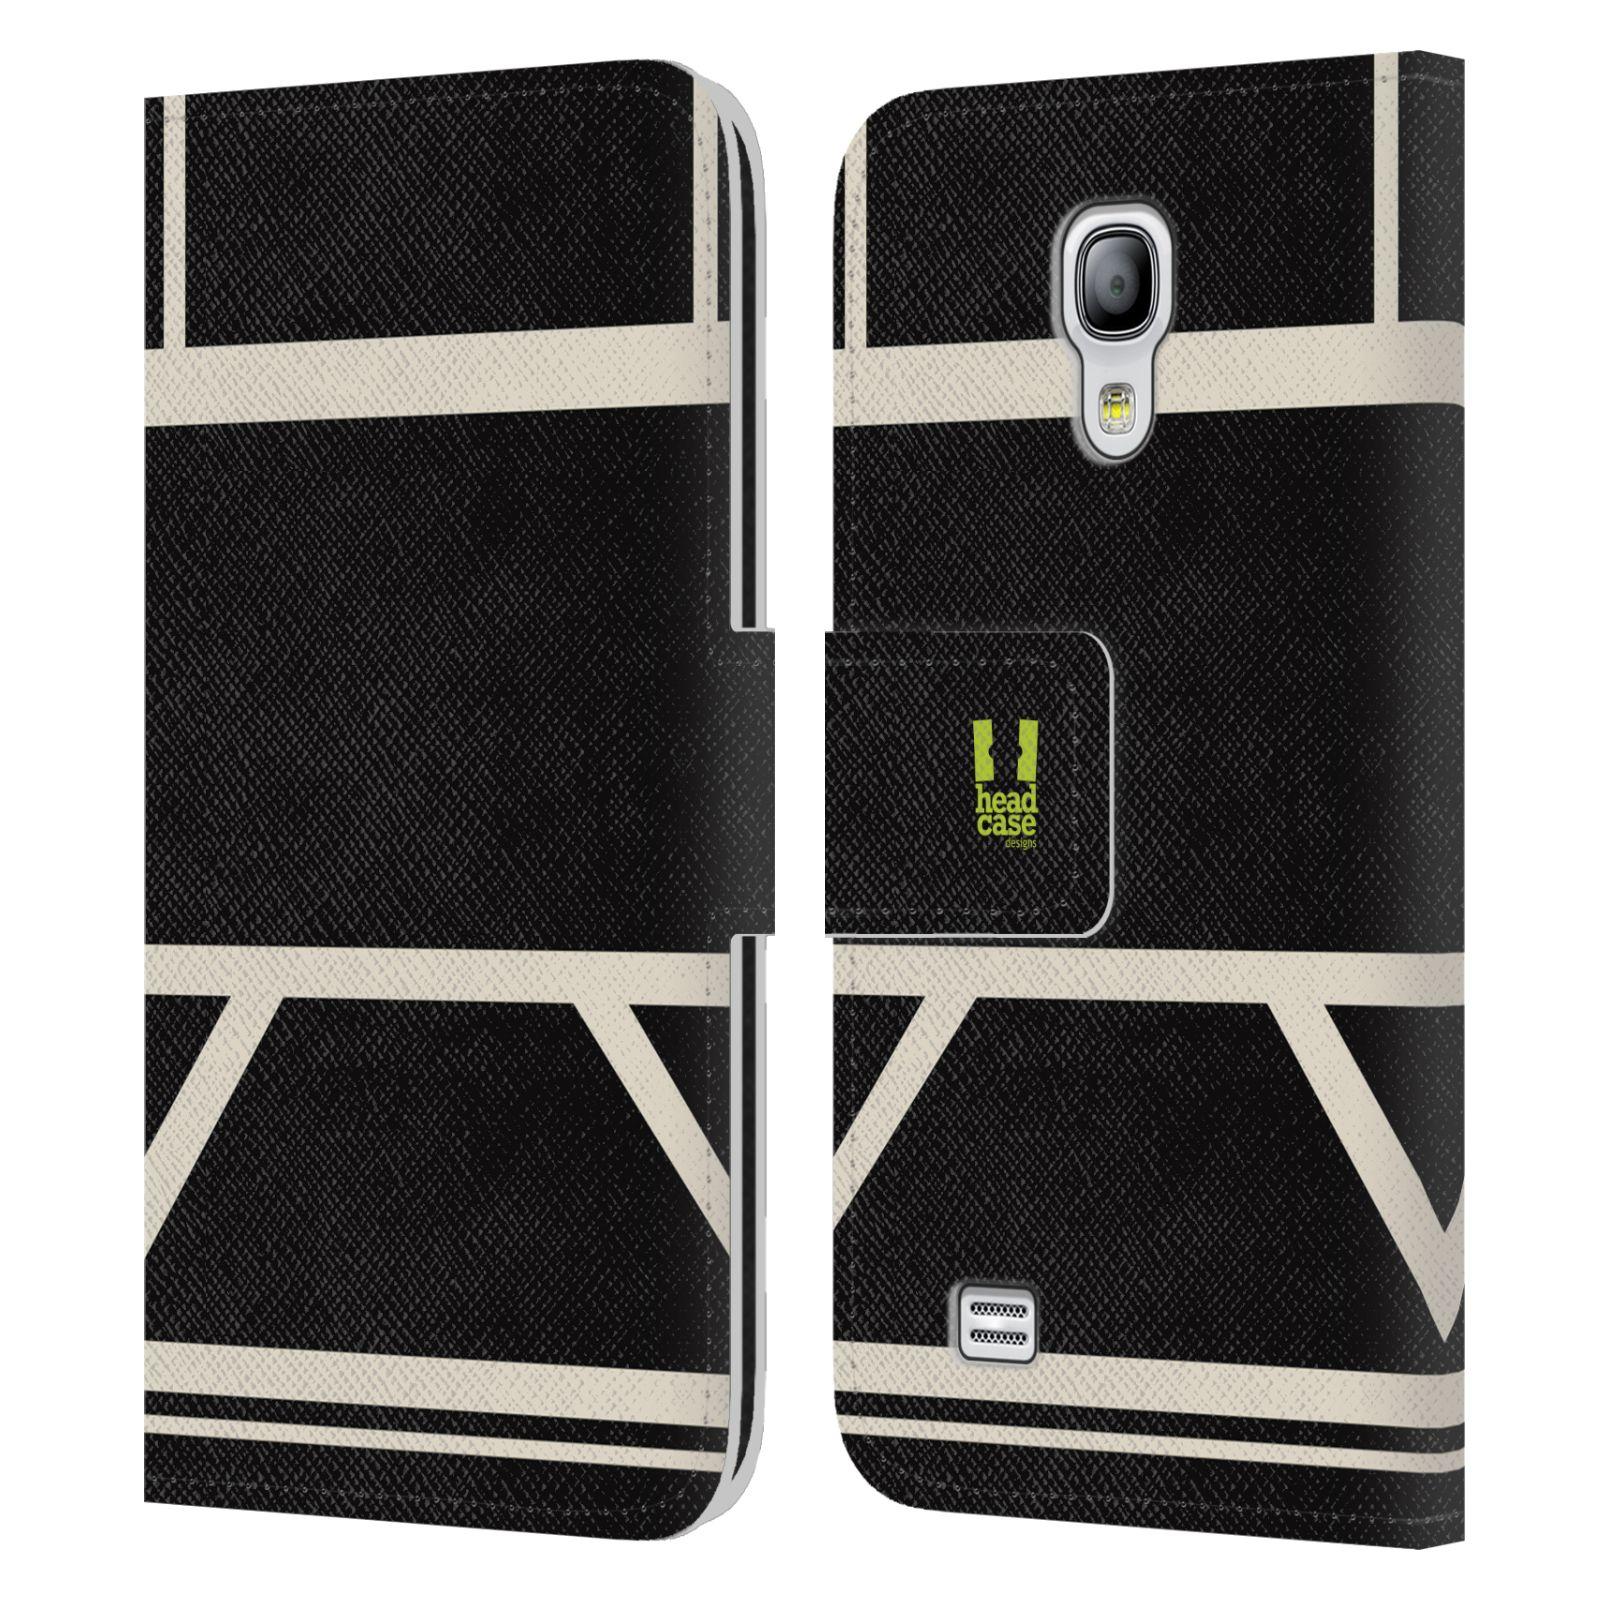 HEAD CASE Flipové pouzdro pro mobil Samsung Galaxy S4 MINI barevné tvary černá a bílá proužek